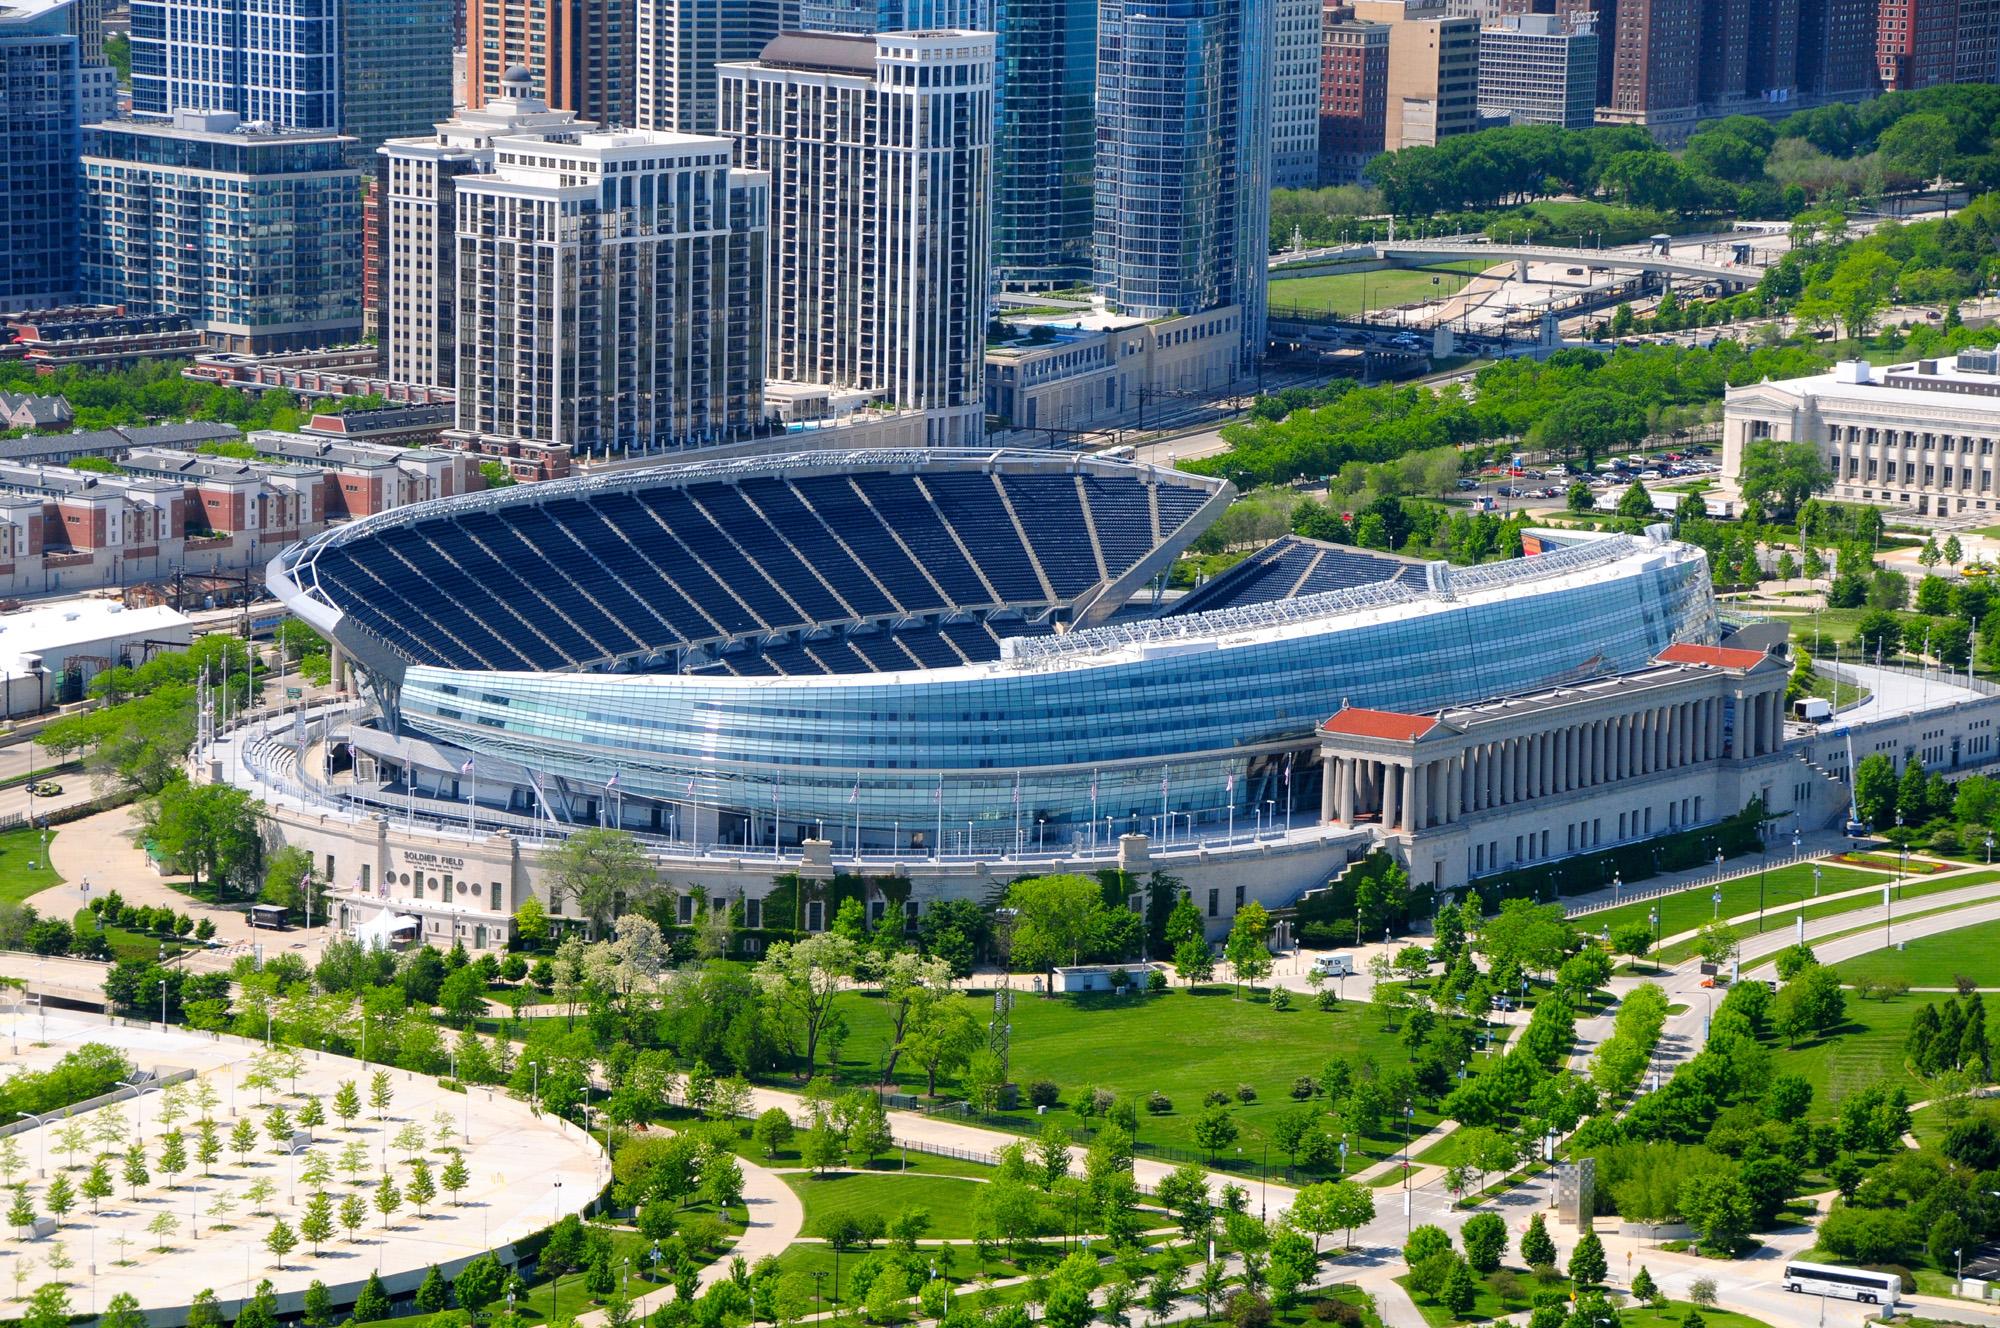 Chicago Soldier Field